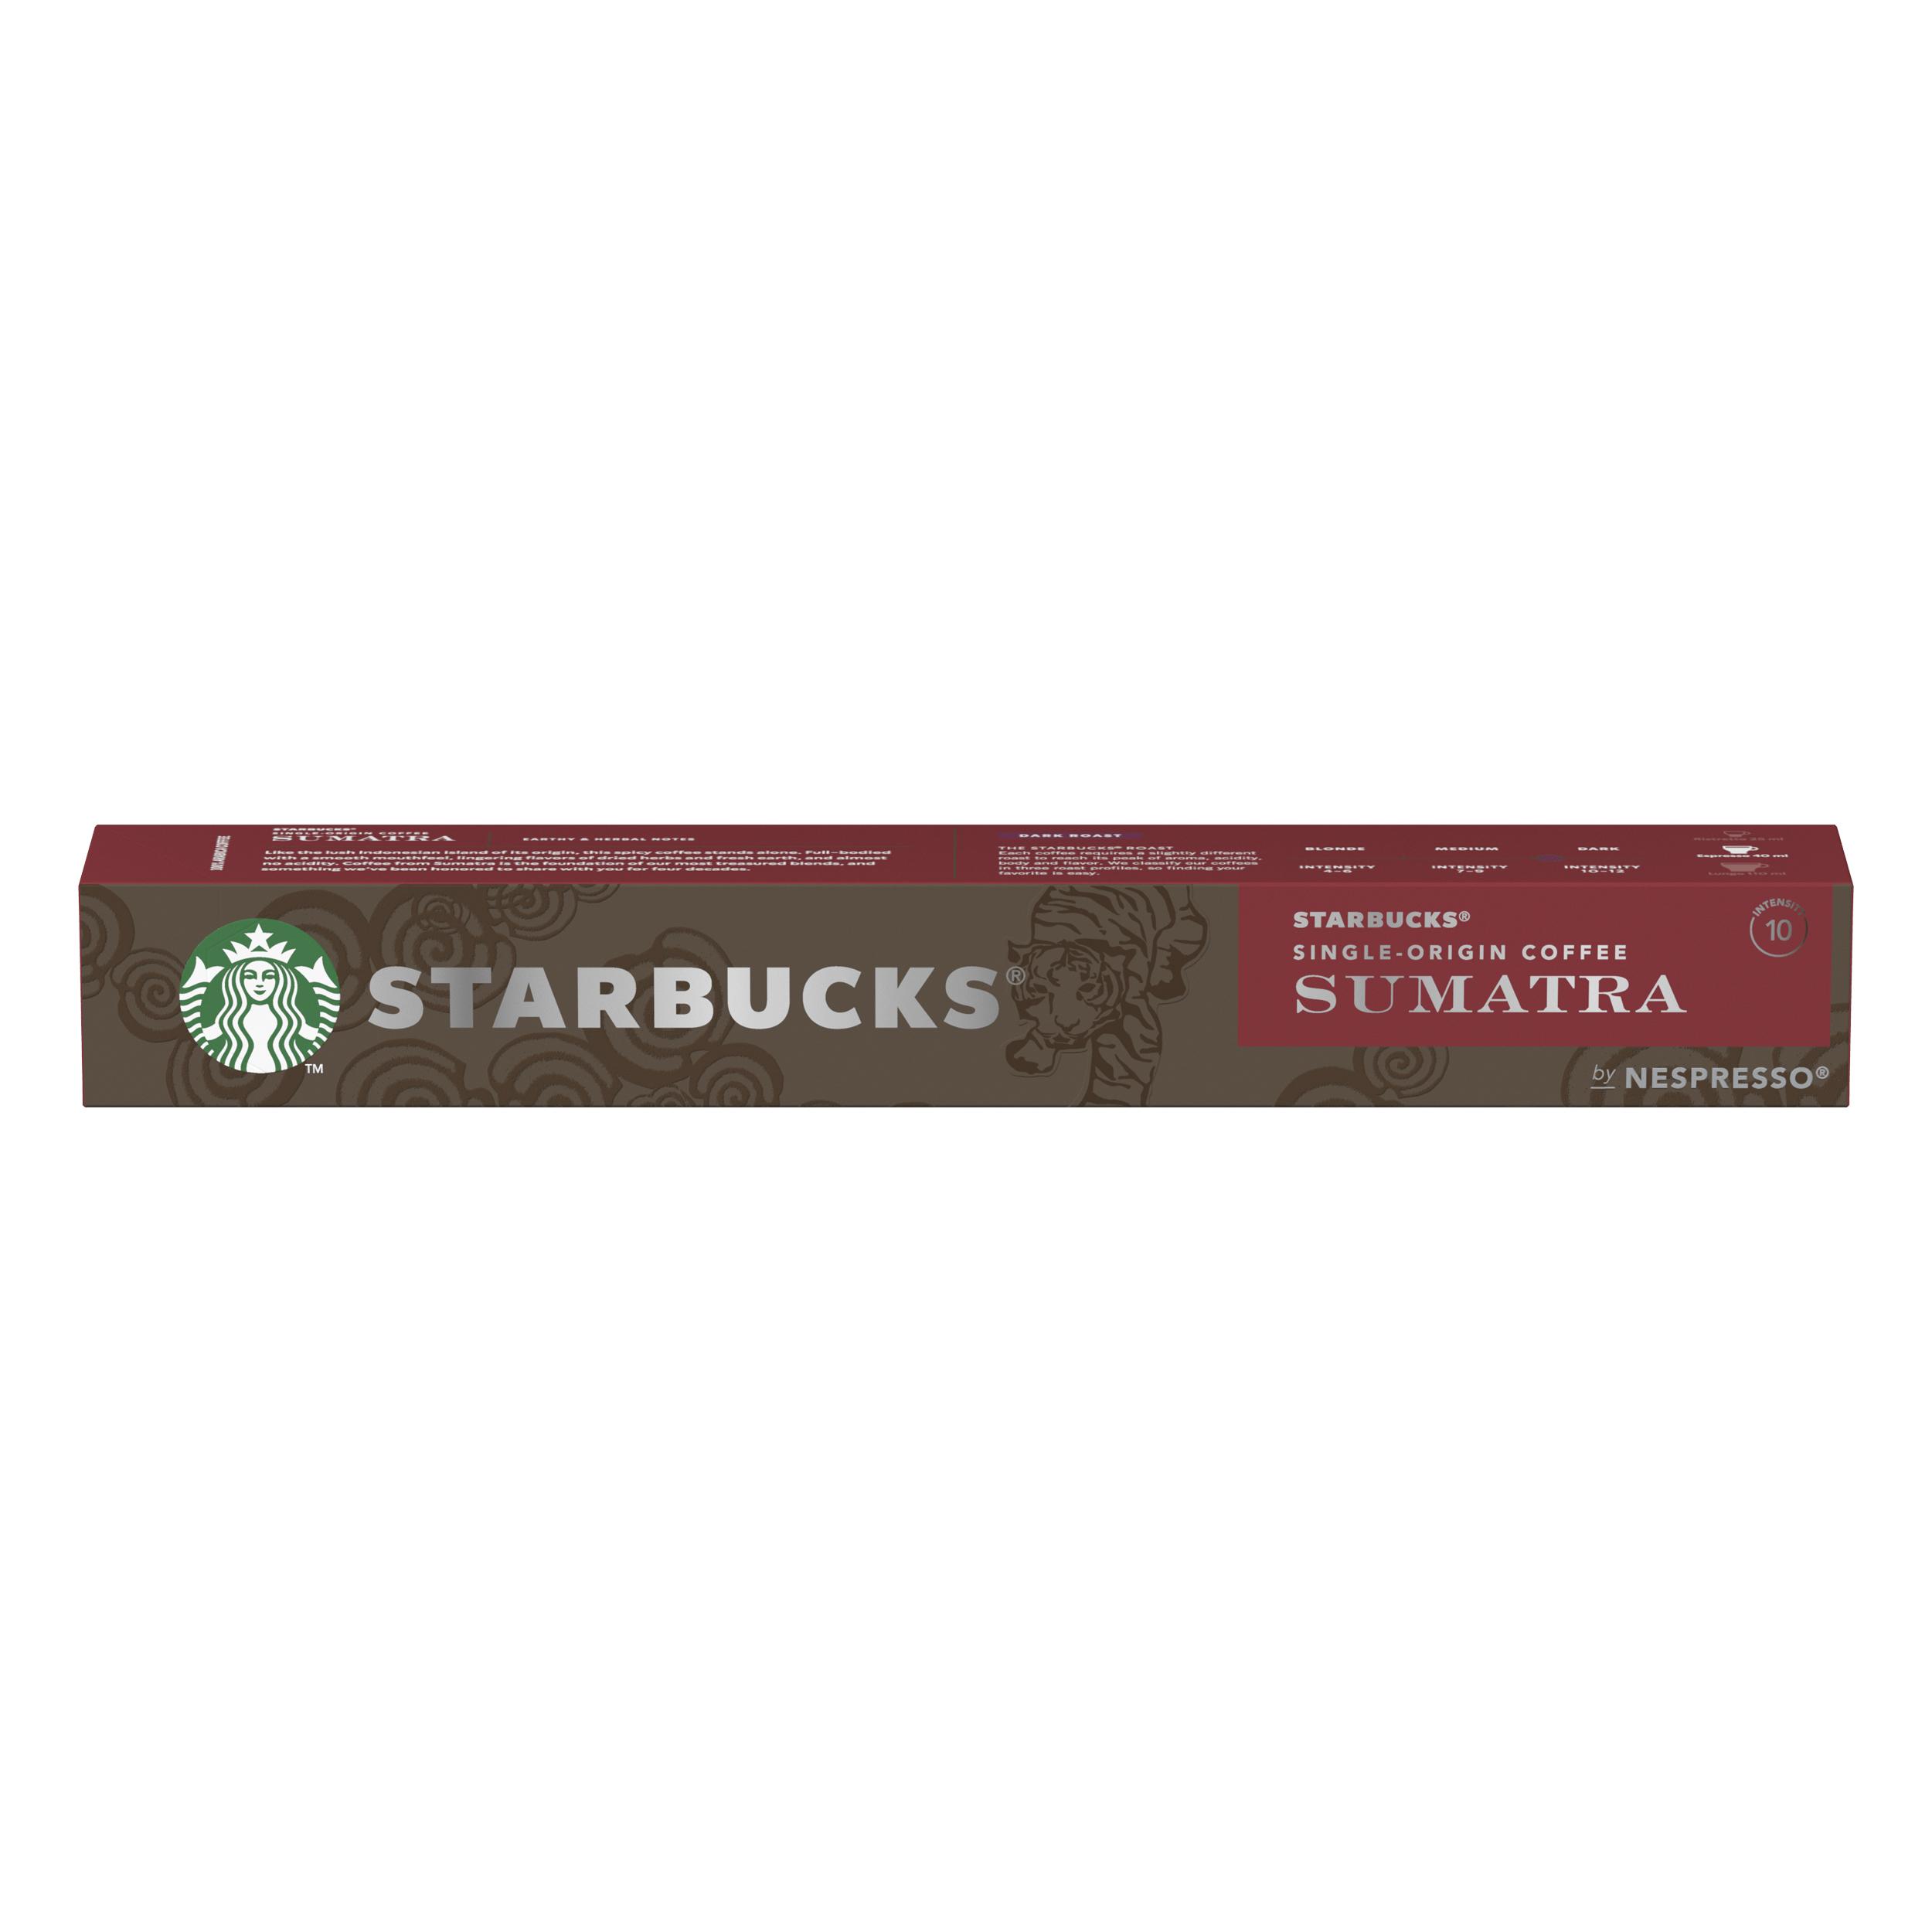 Instant coffee Starbucks by Nespresso Sumatra Espresso 12x55g 120 Pods Ref 12423376